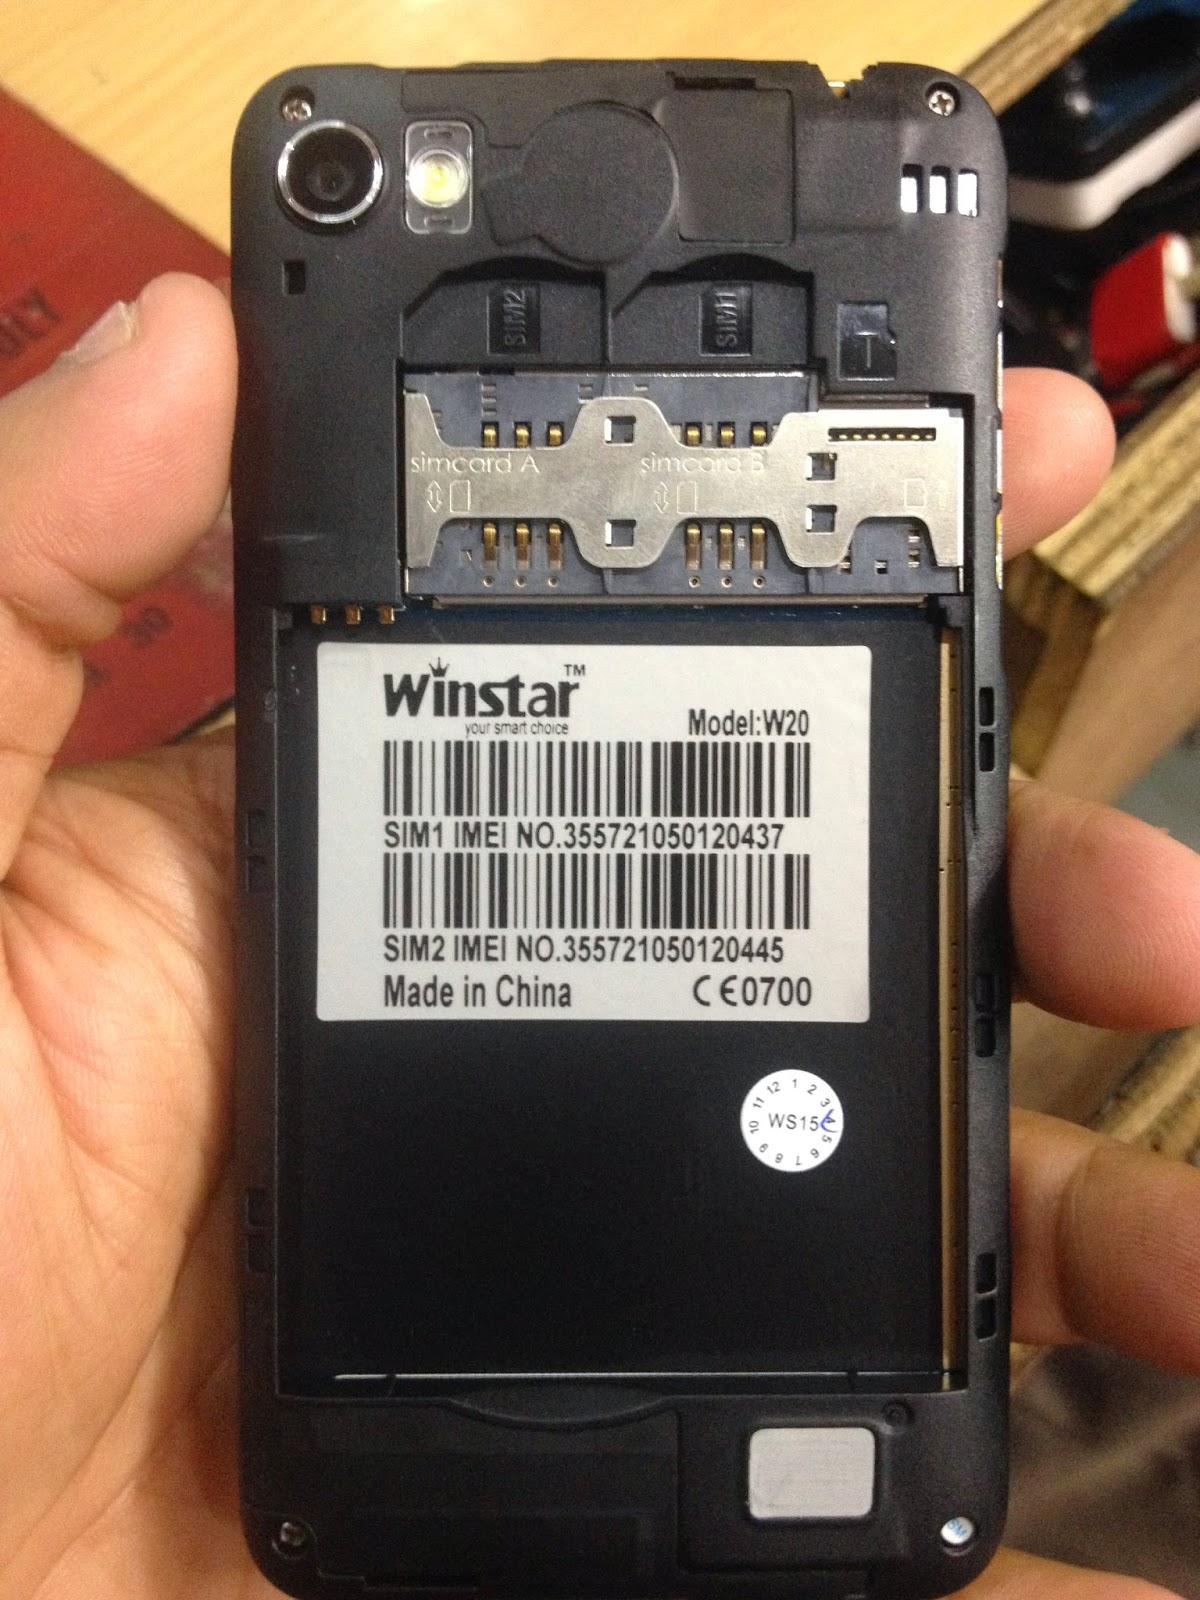 01718123356: WINSTAR W20 SPD SC8810 CPU FLASH FILE 100